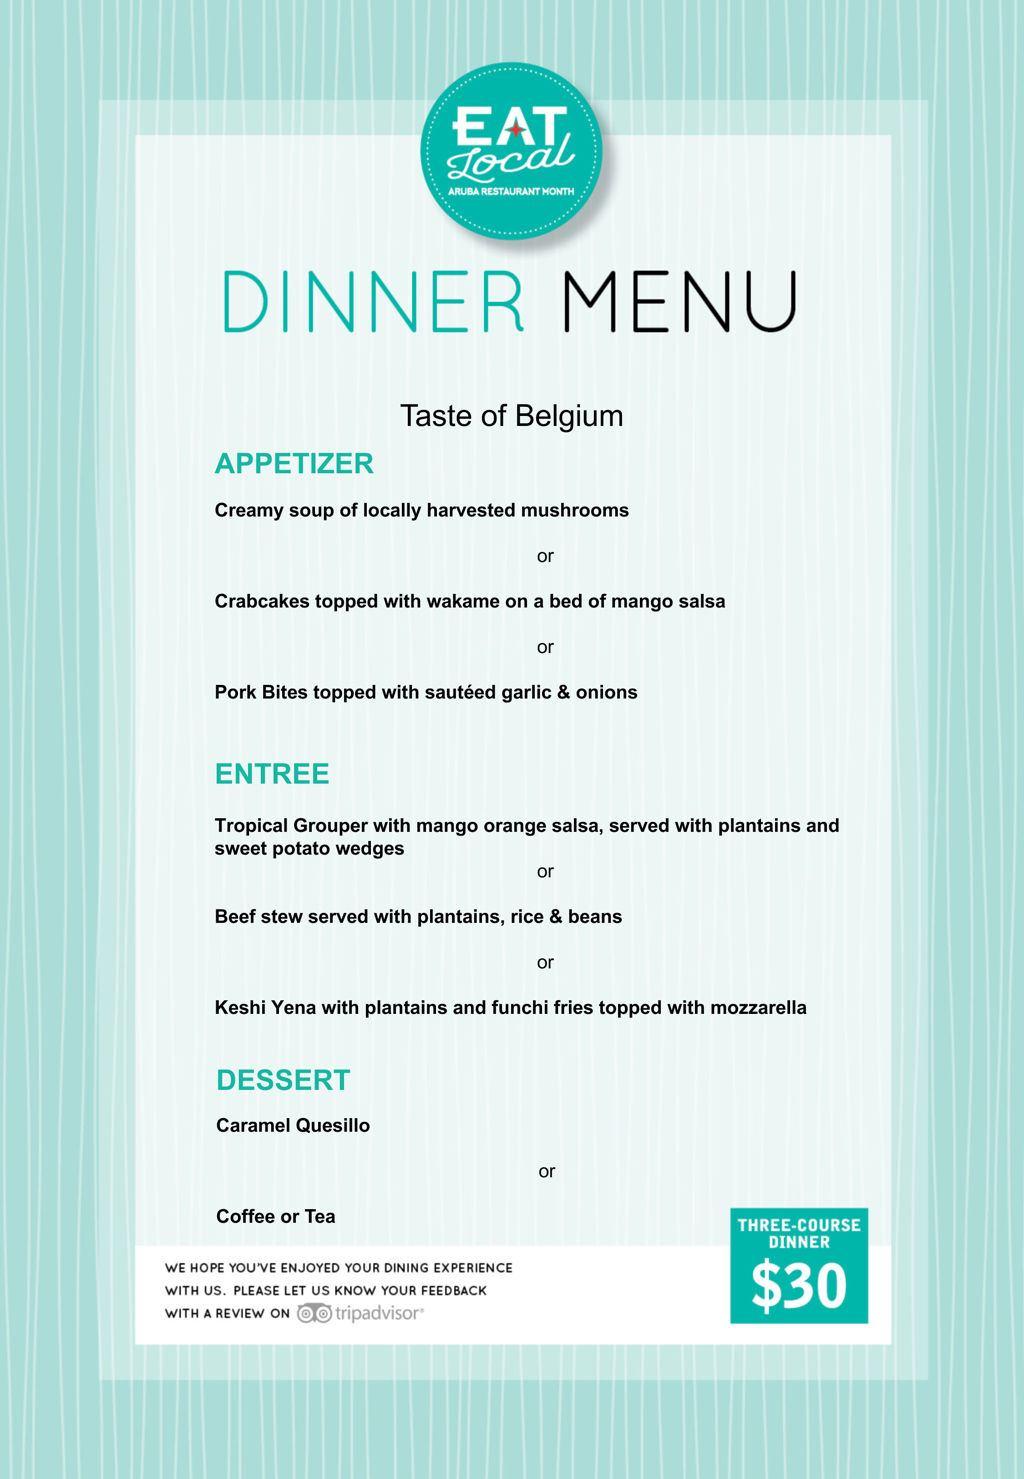 Taste of Belgium - Eat Local 2018